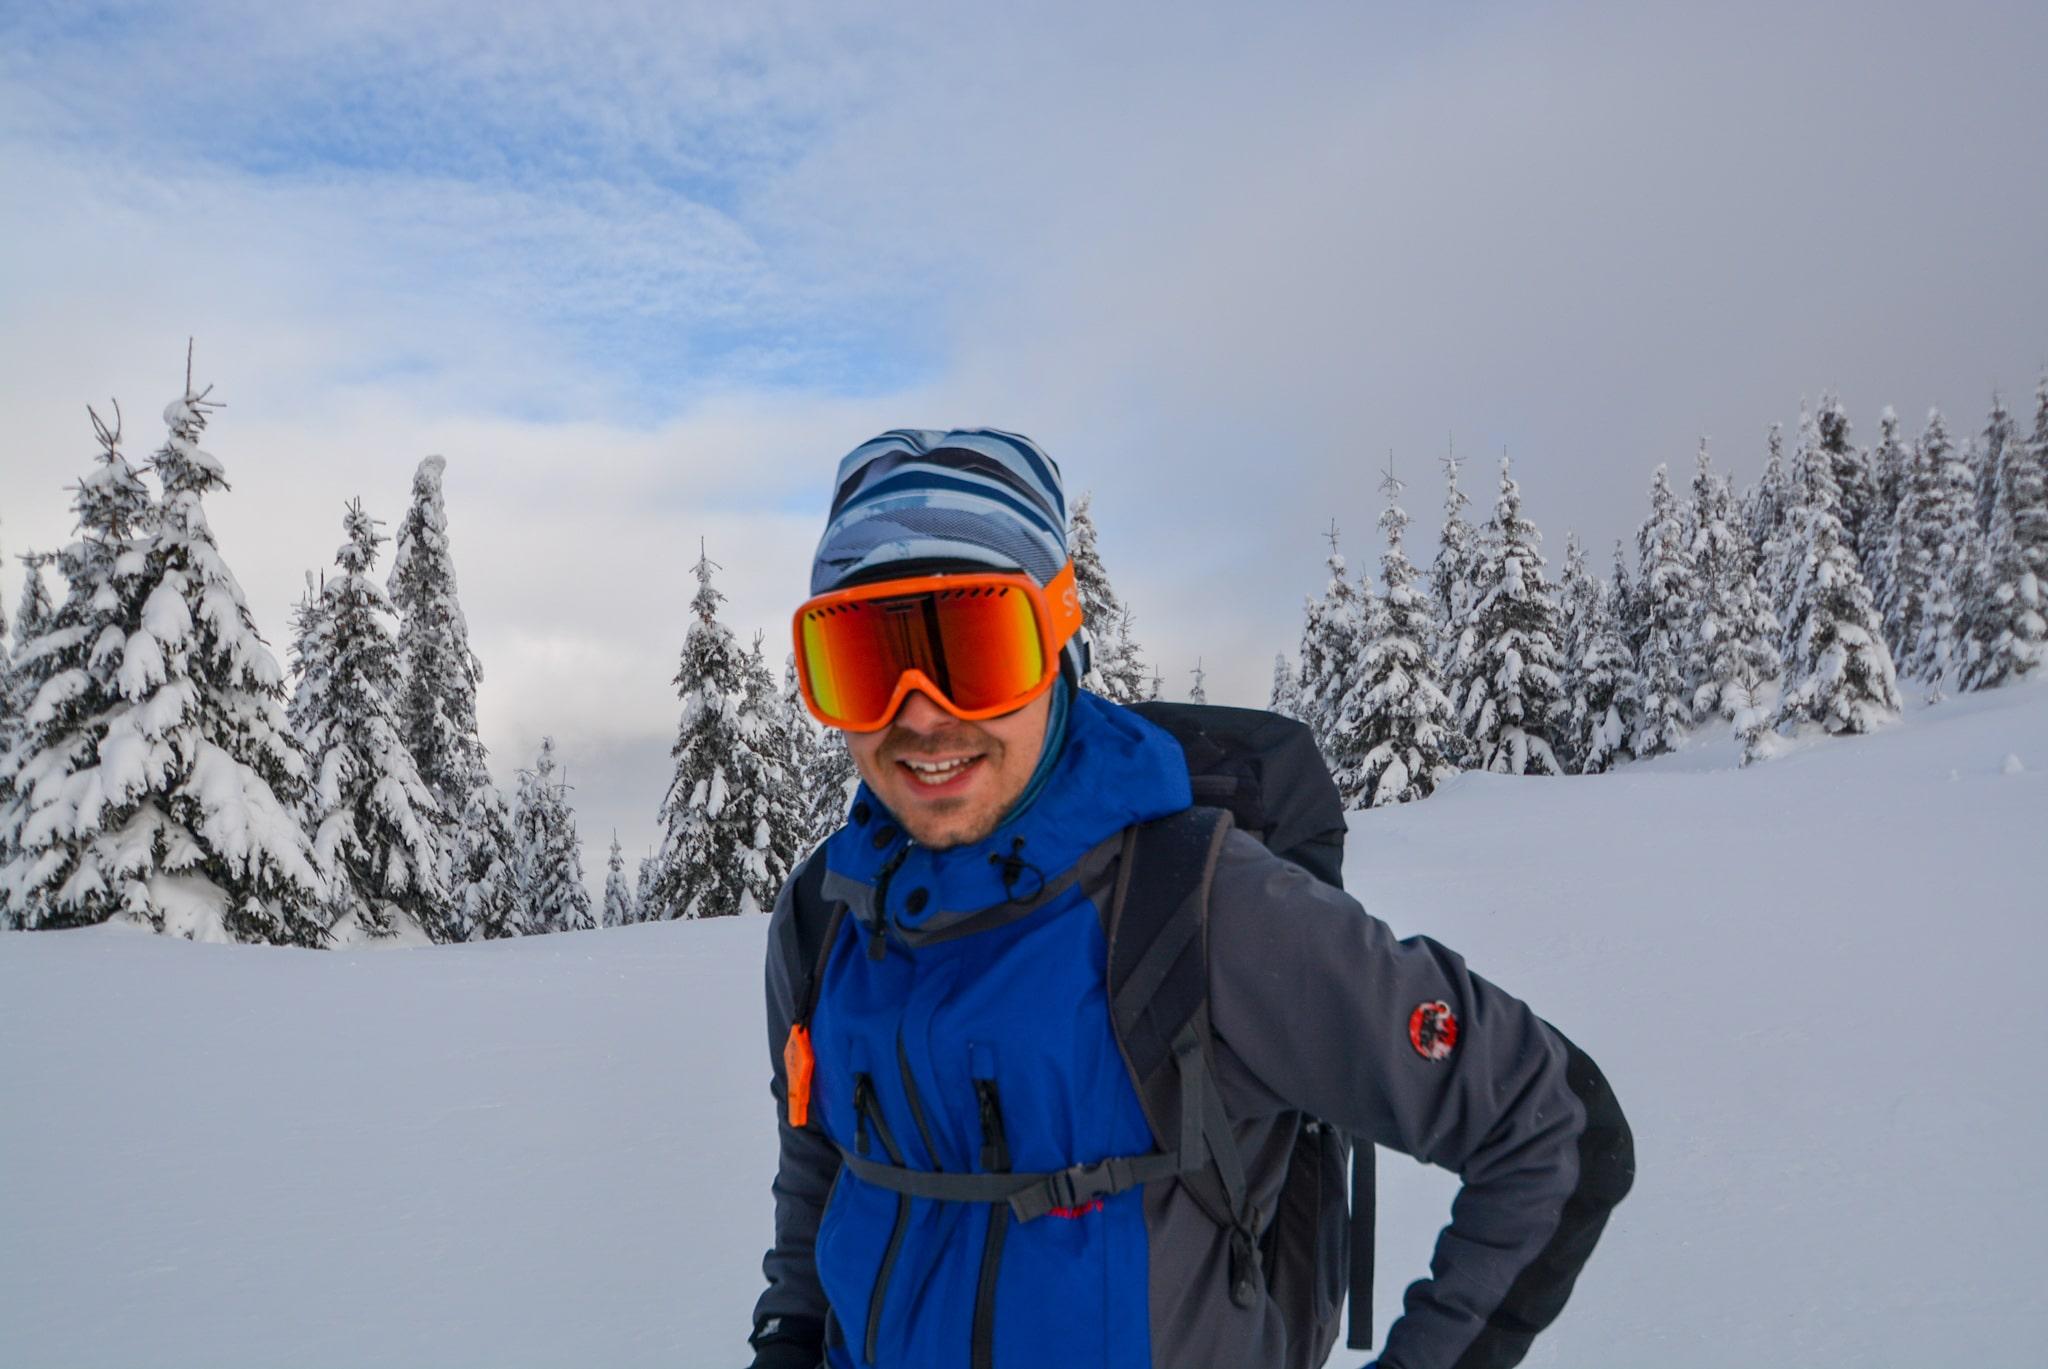 Fericirea unei zile pe munte